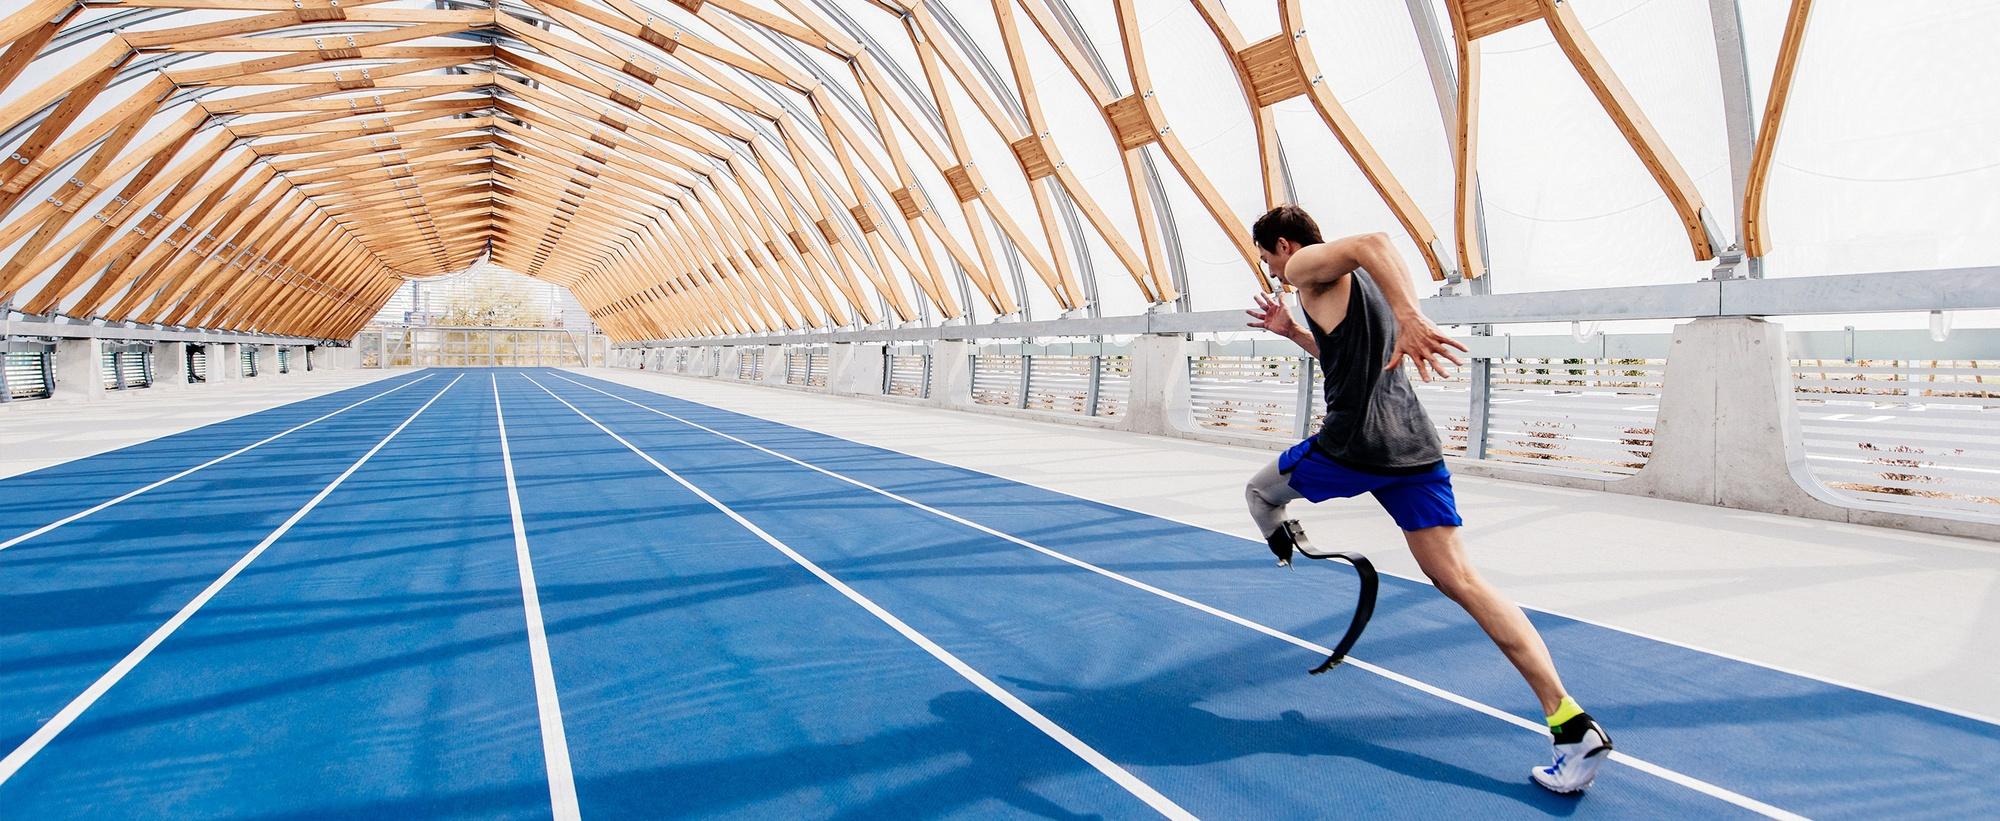 Nike Grind auf einer Laufbahn in China - Bildquelle: nike.com